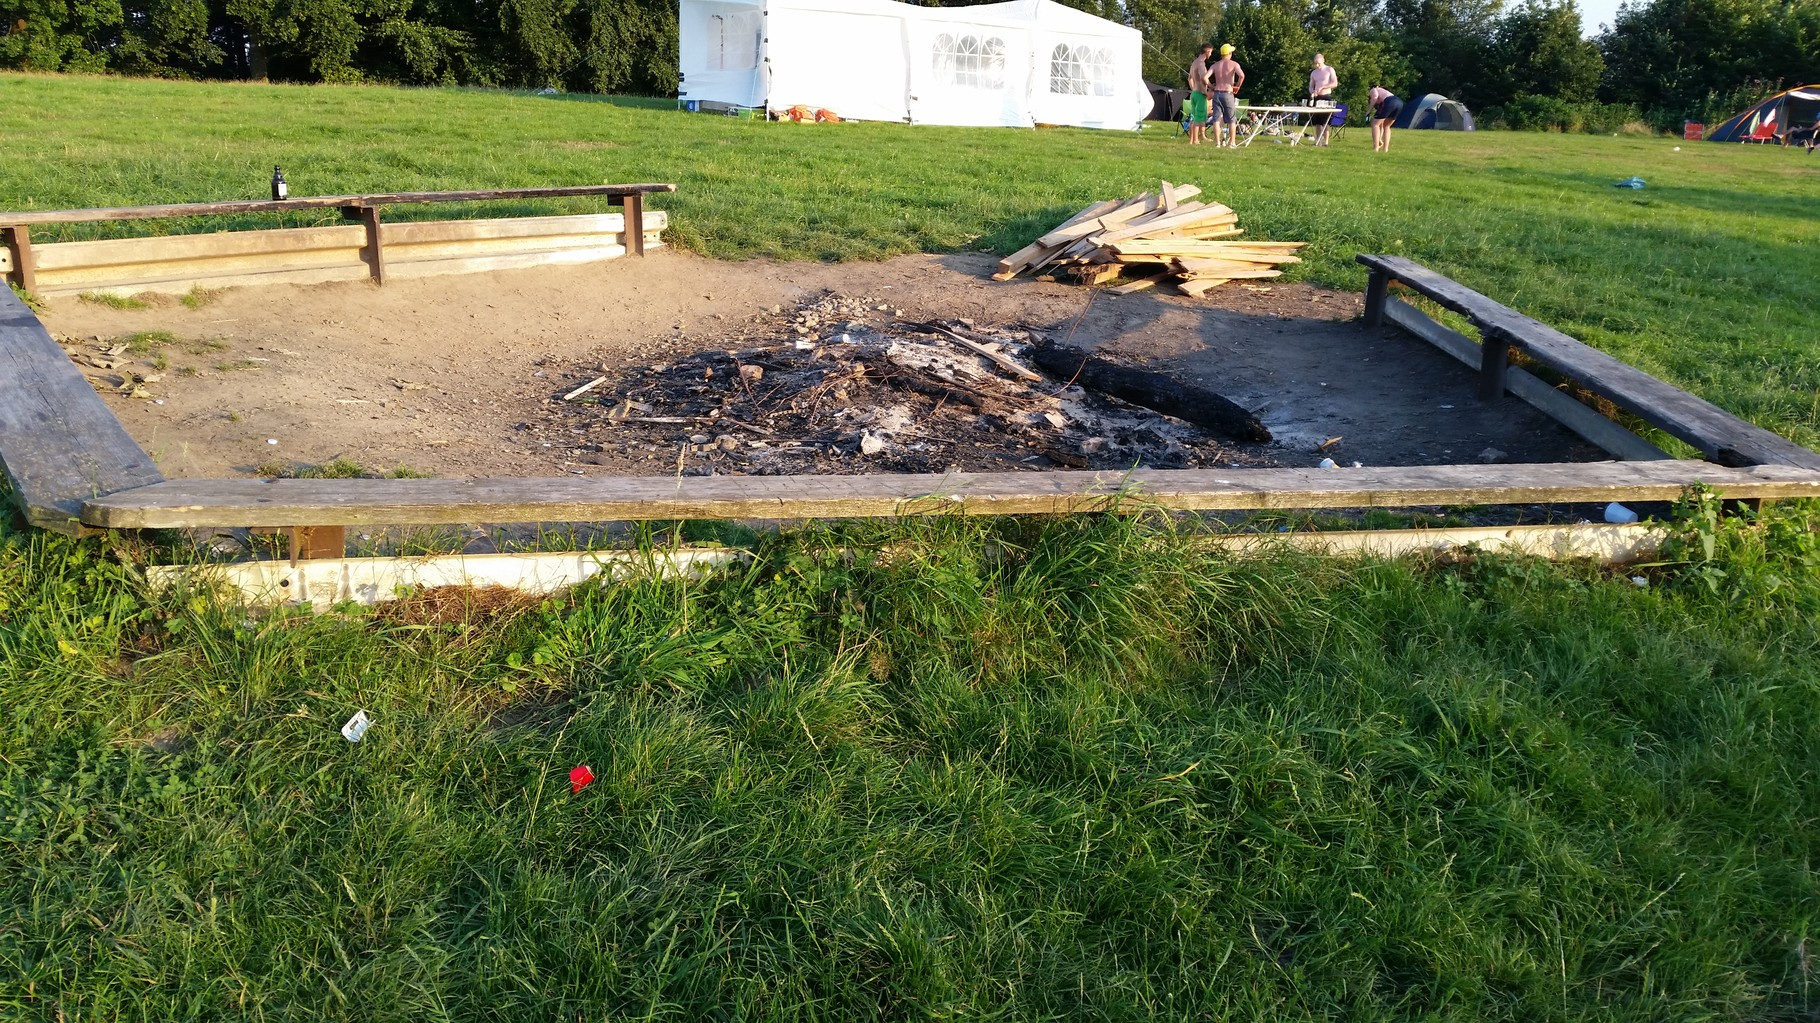 Kaum angekommen direkt die Feuerstelle angeschaut wo alle Camper zusammen kommen und am Feuer sitzen.